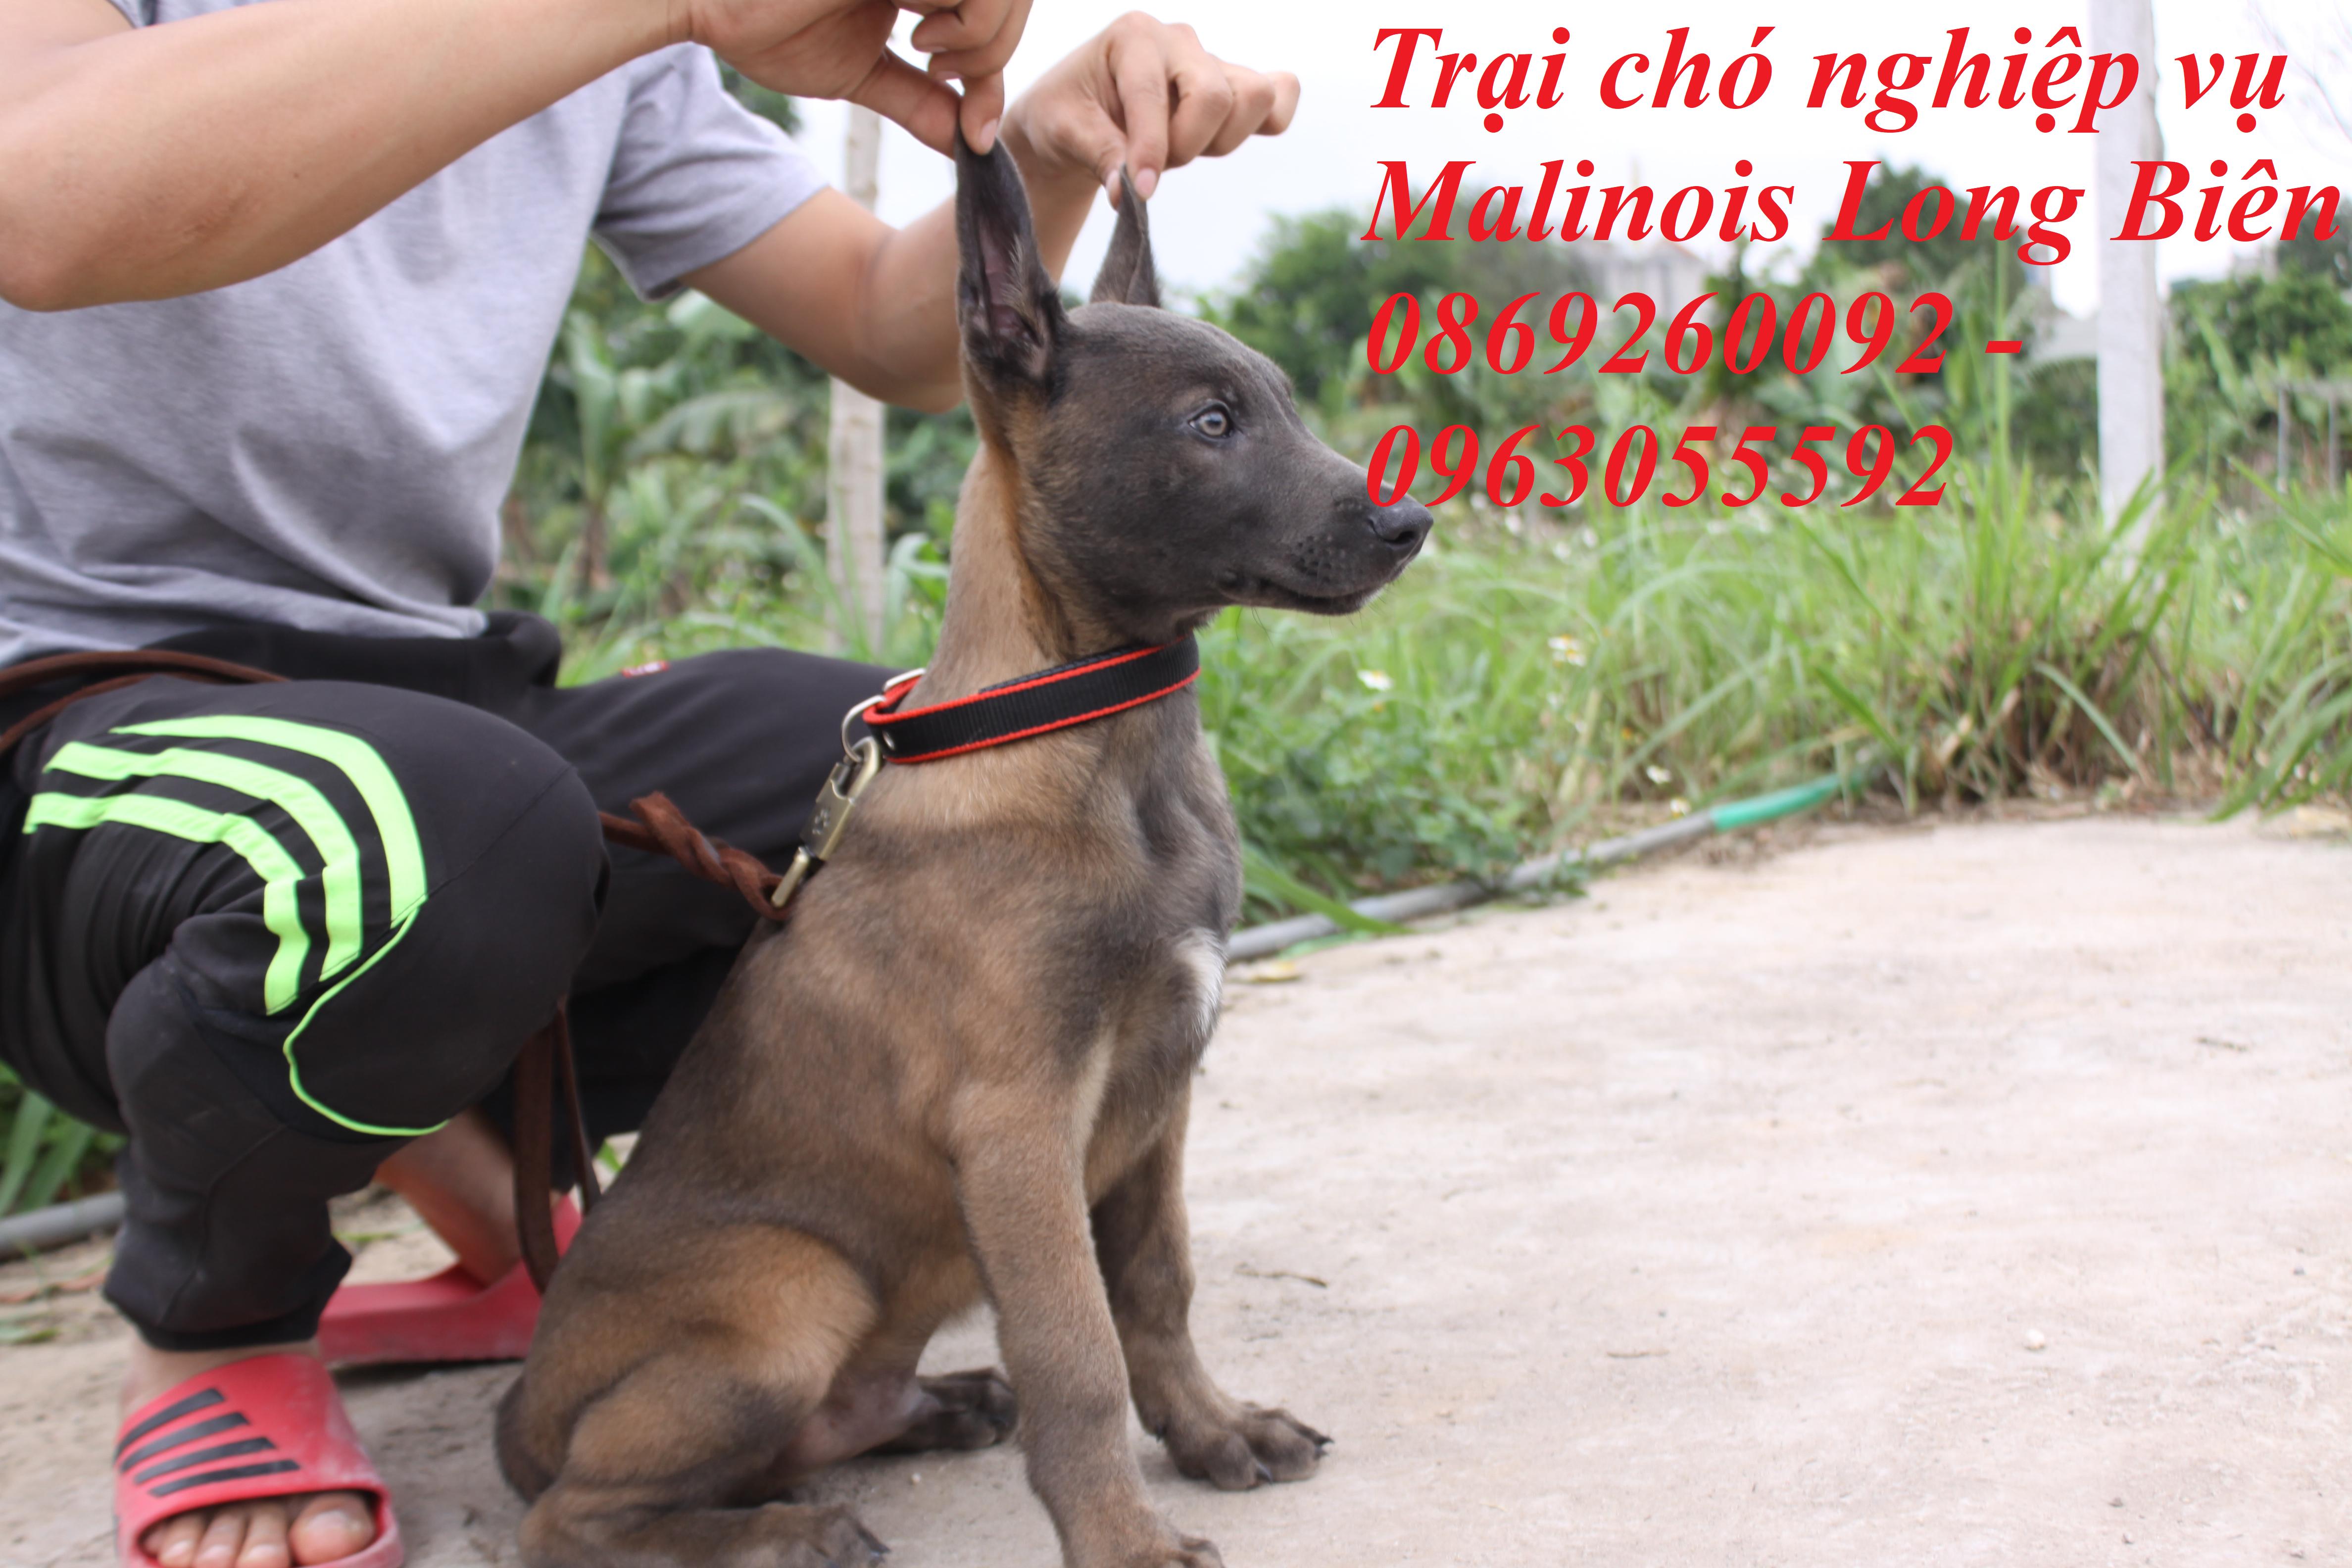 Chó con màu Blu tại trại chó Malinois Long Biên Hà Nội